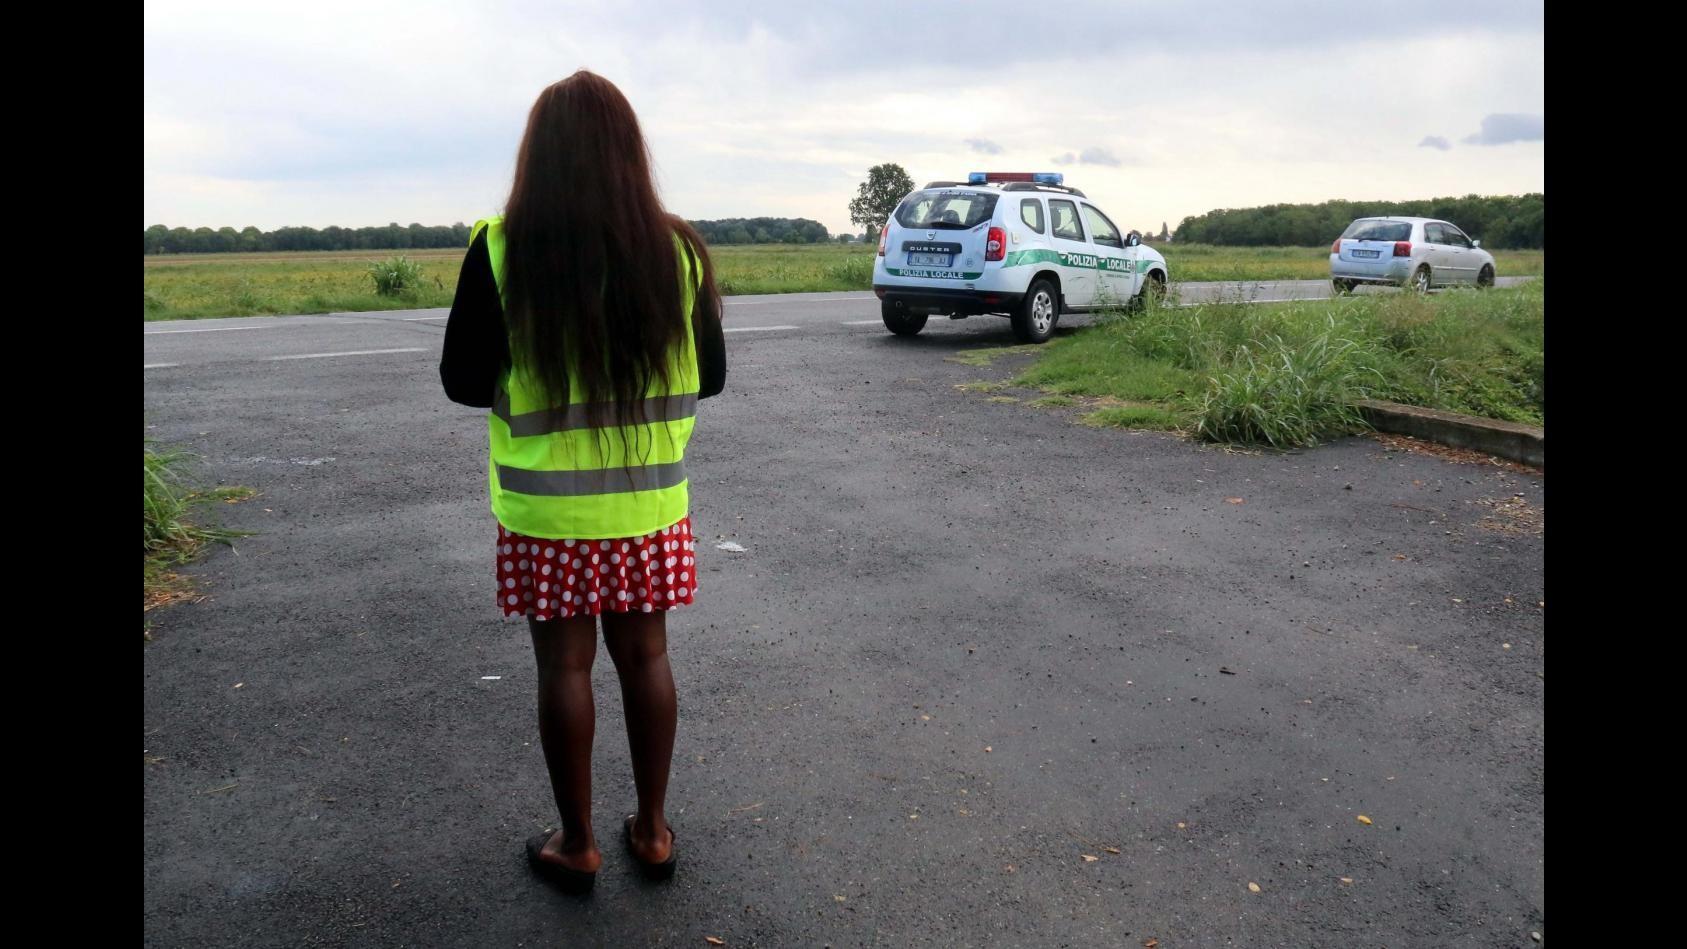 Milano, donne costrette a prostituirsi per strada con riti vodoo: in manette 4 nigeriani